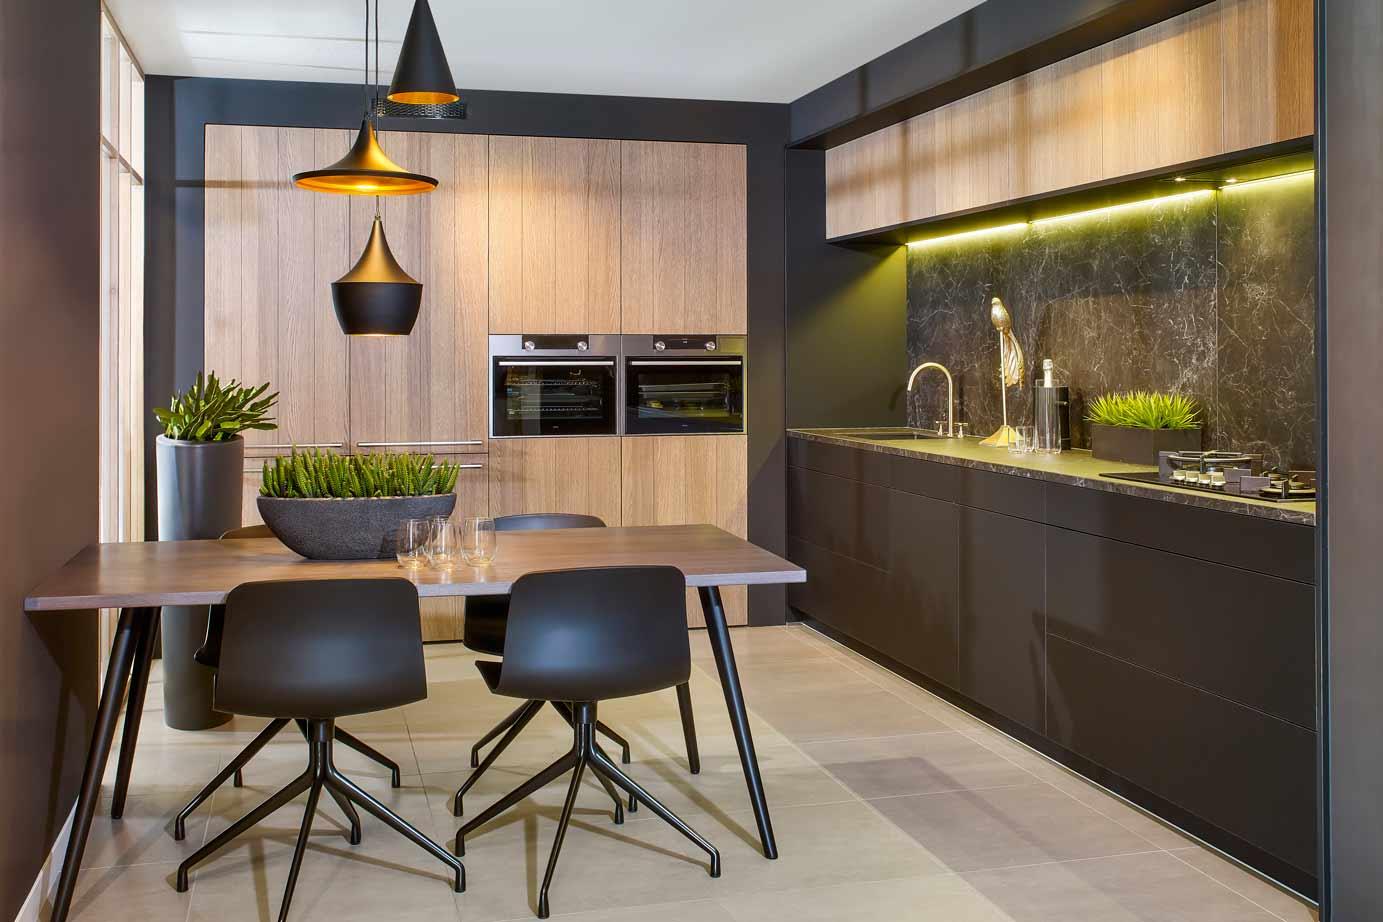 Kosten Luxe Keuken : Luxe keukens standaard of maatwerk hoge klanttevredenheid pelma